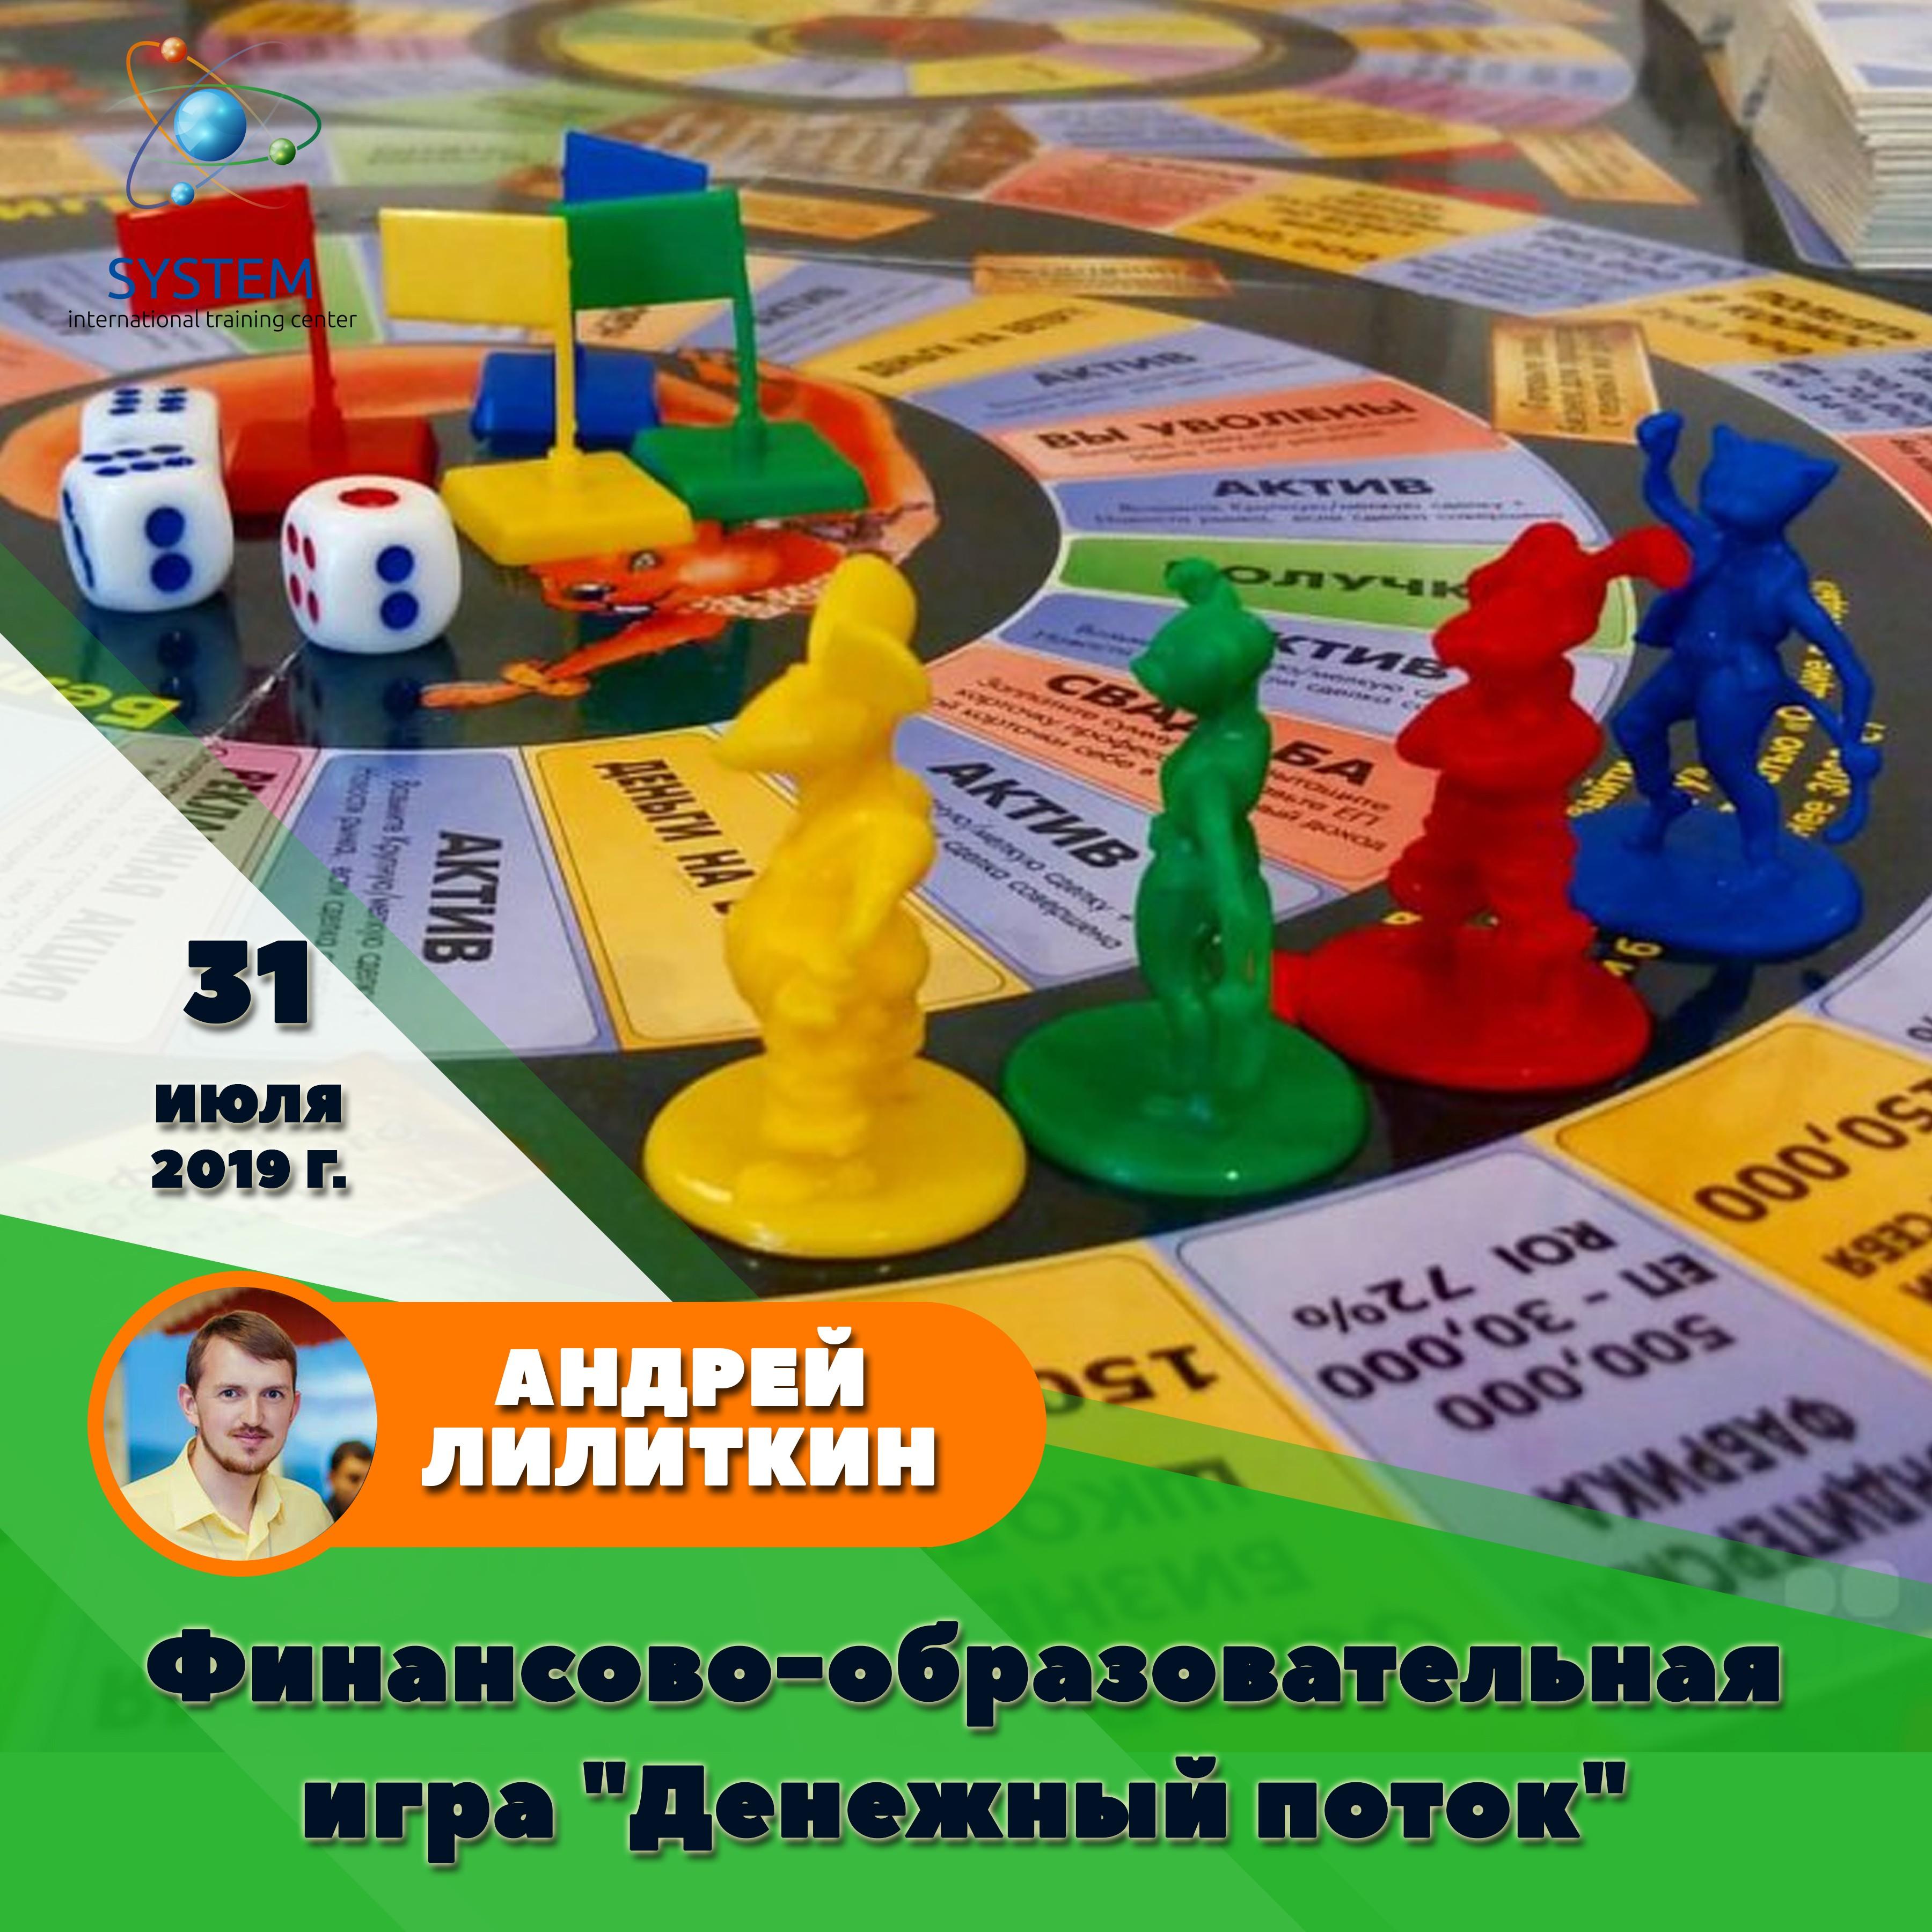 Финансово-образовательная игра «Денежный поток» @ Владивосток, ул. Жигура, 26а, БЦ «Seven», ауд. 2-7, зал «System ITC»